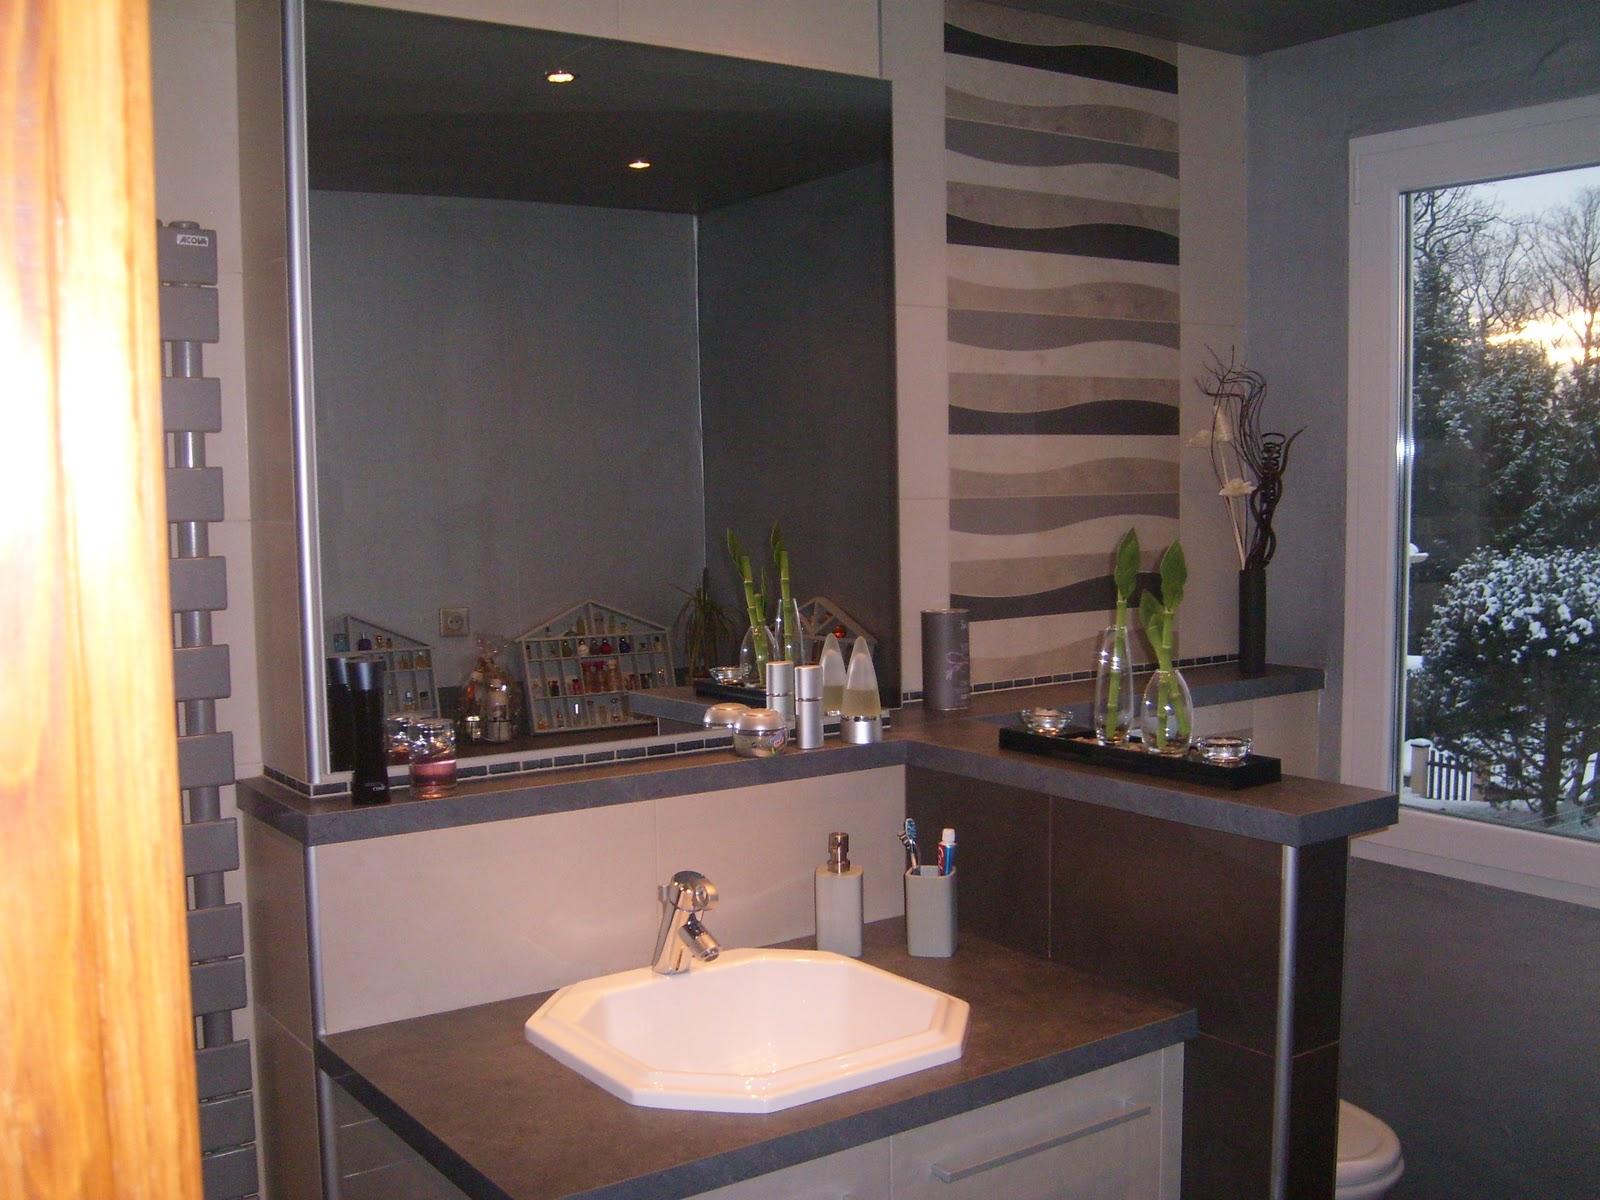 Salle de bain beige et chocolat, avec motifs vagues taupes, beiges ...